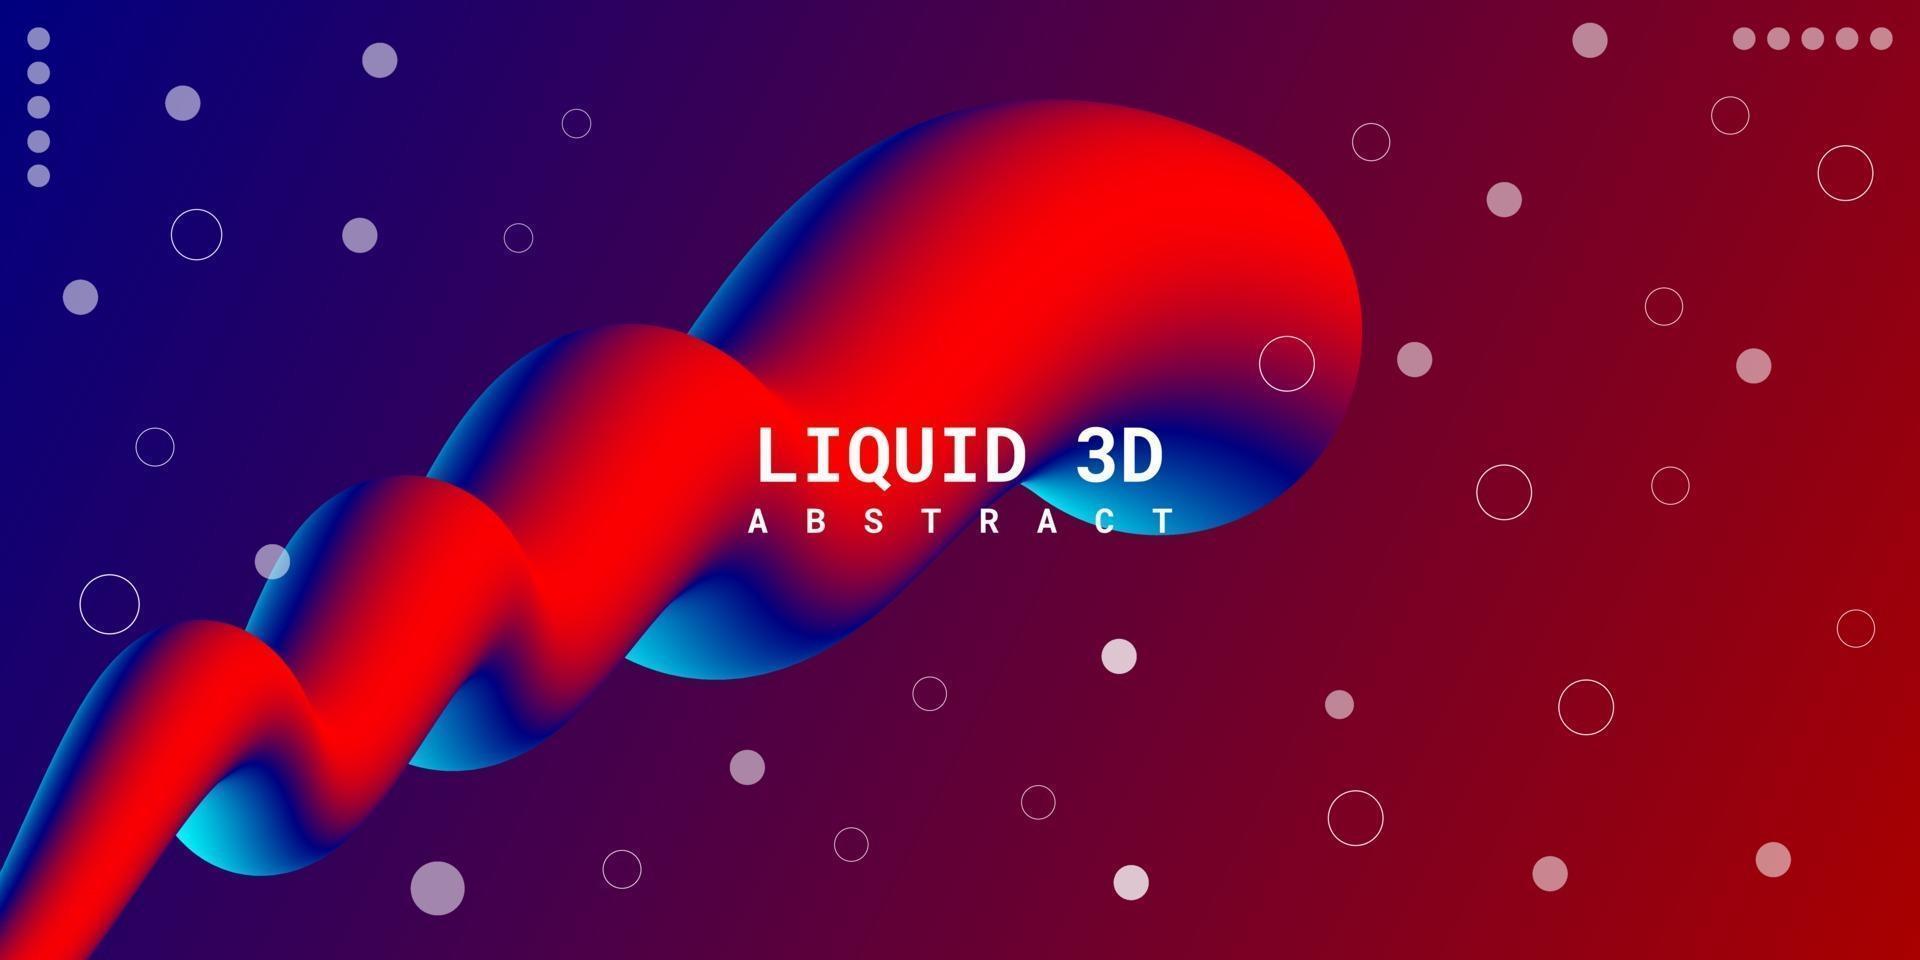 moderner abstrakter flüssiger 3d Hintergrund mit blauem und rotem Farbverlauf vektor